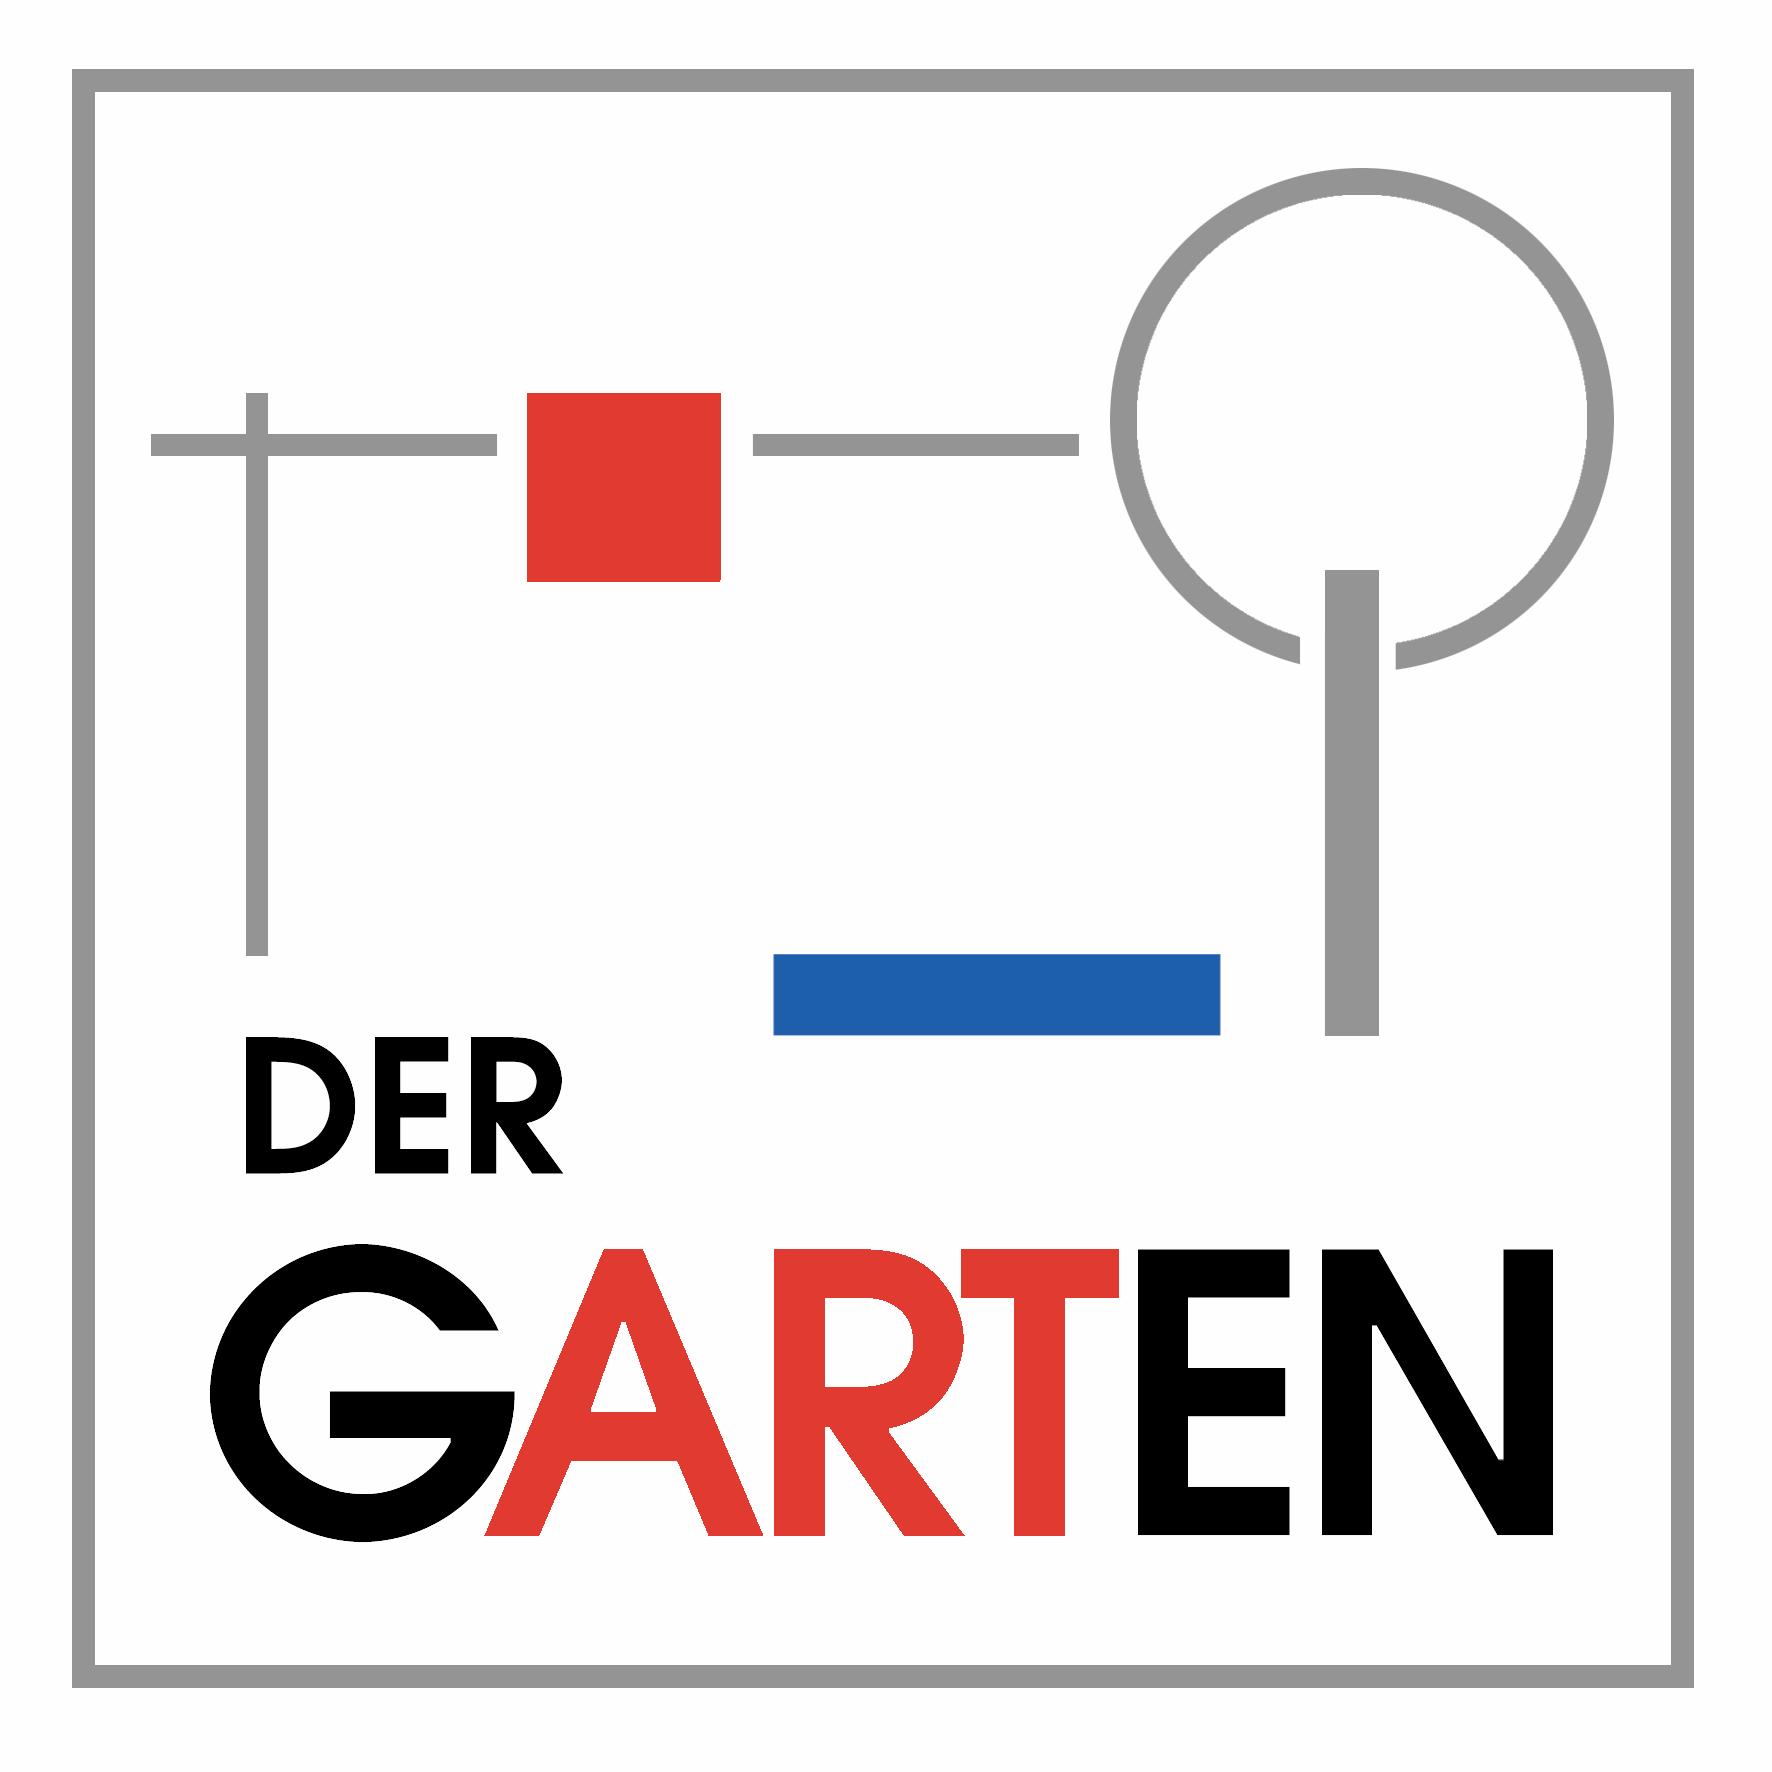 dergarten